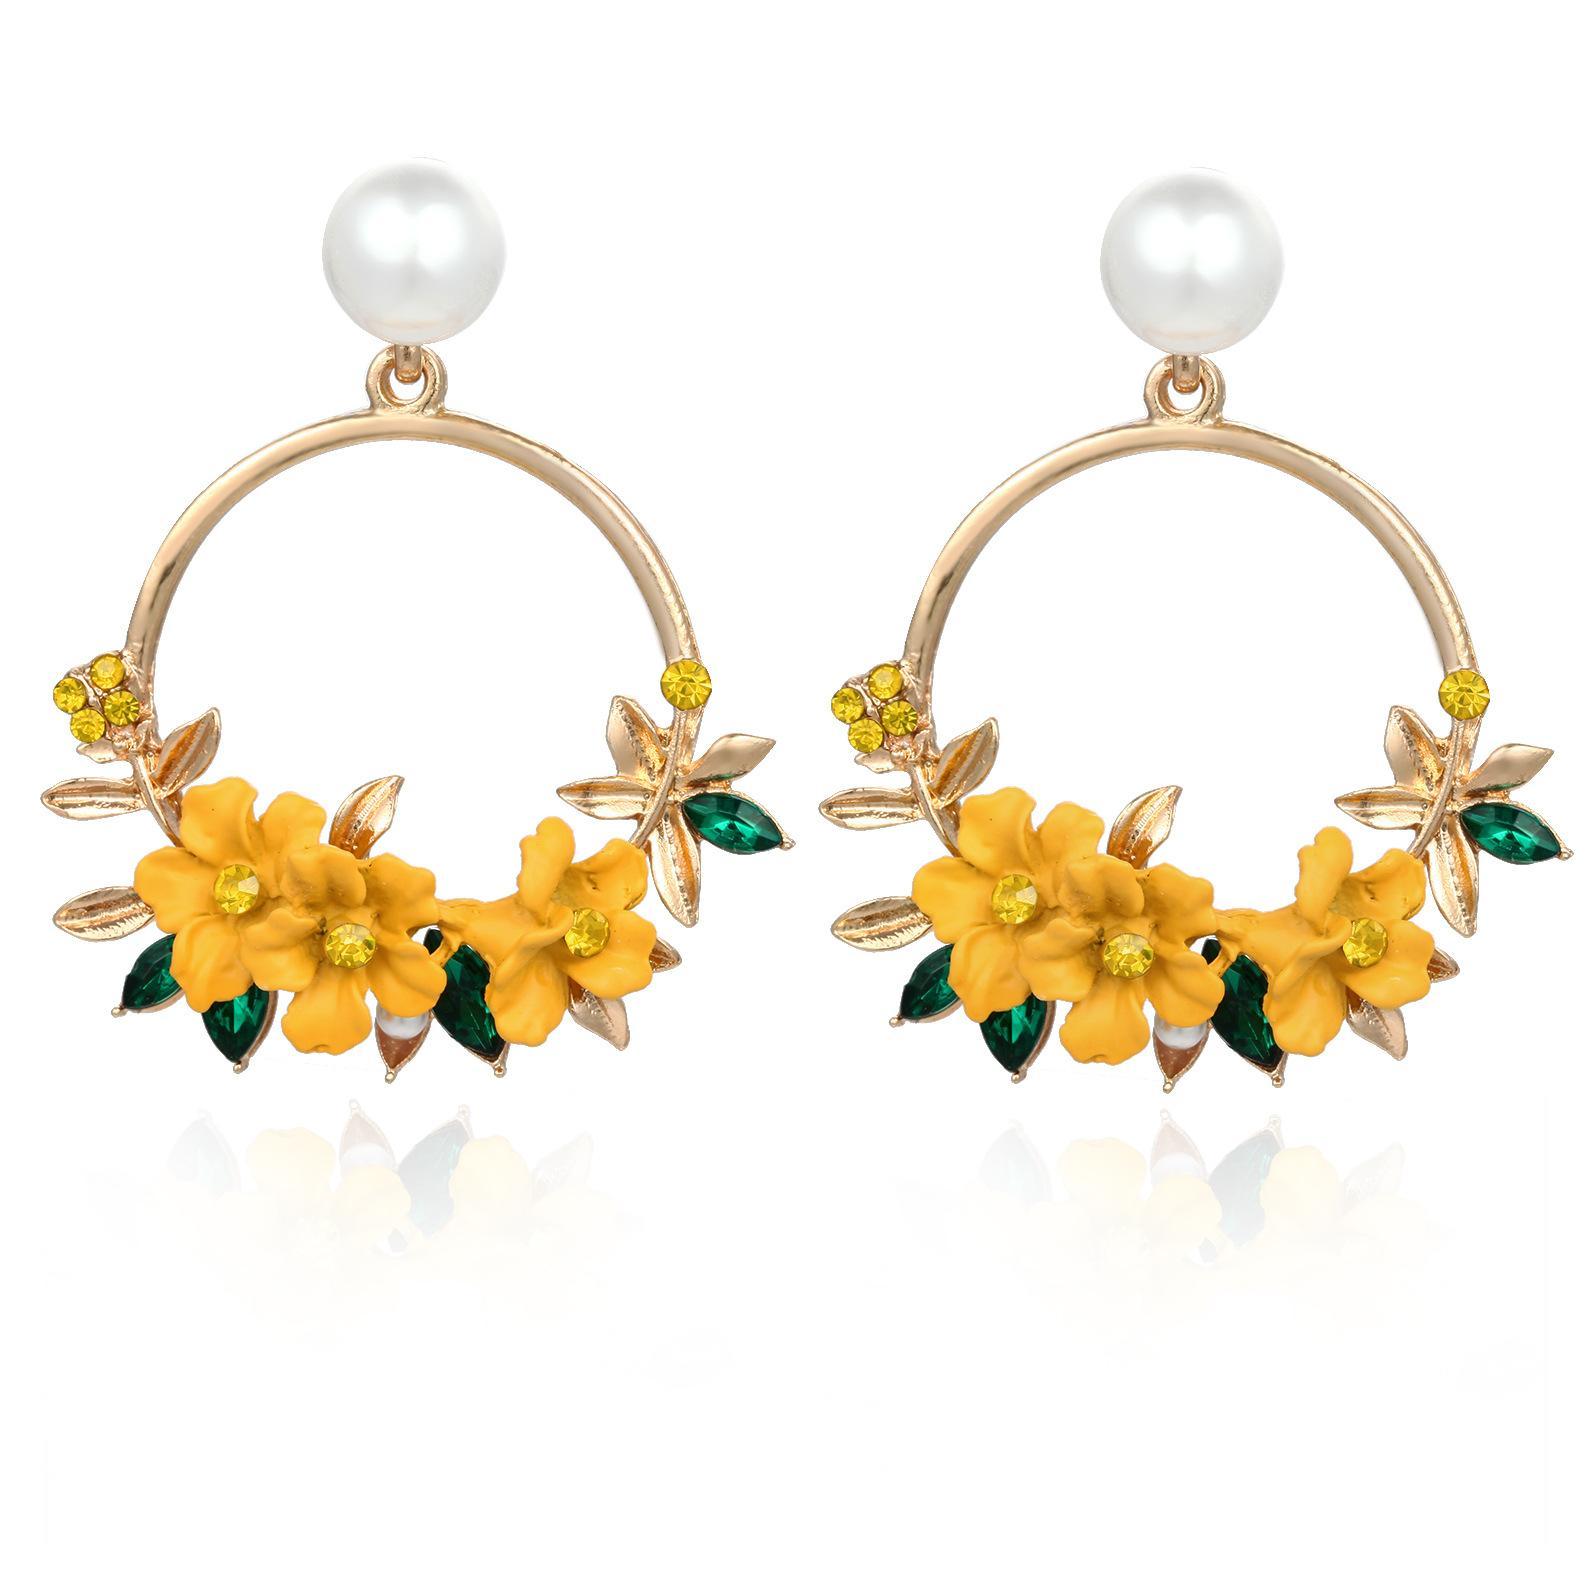 Crystal and Pearl Floral Wreath Hoop Earrings_yellow